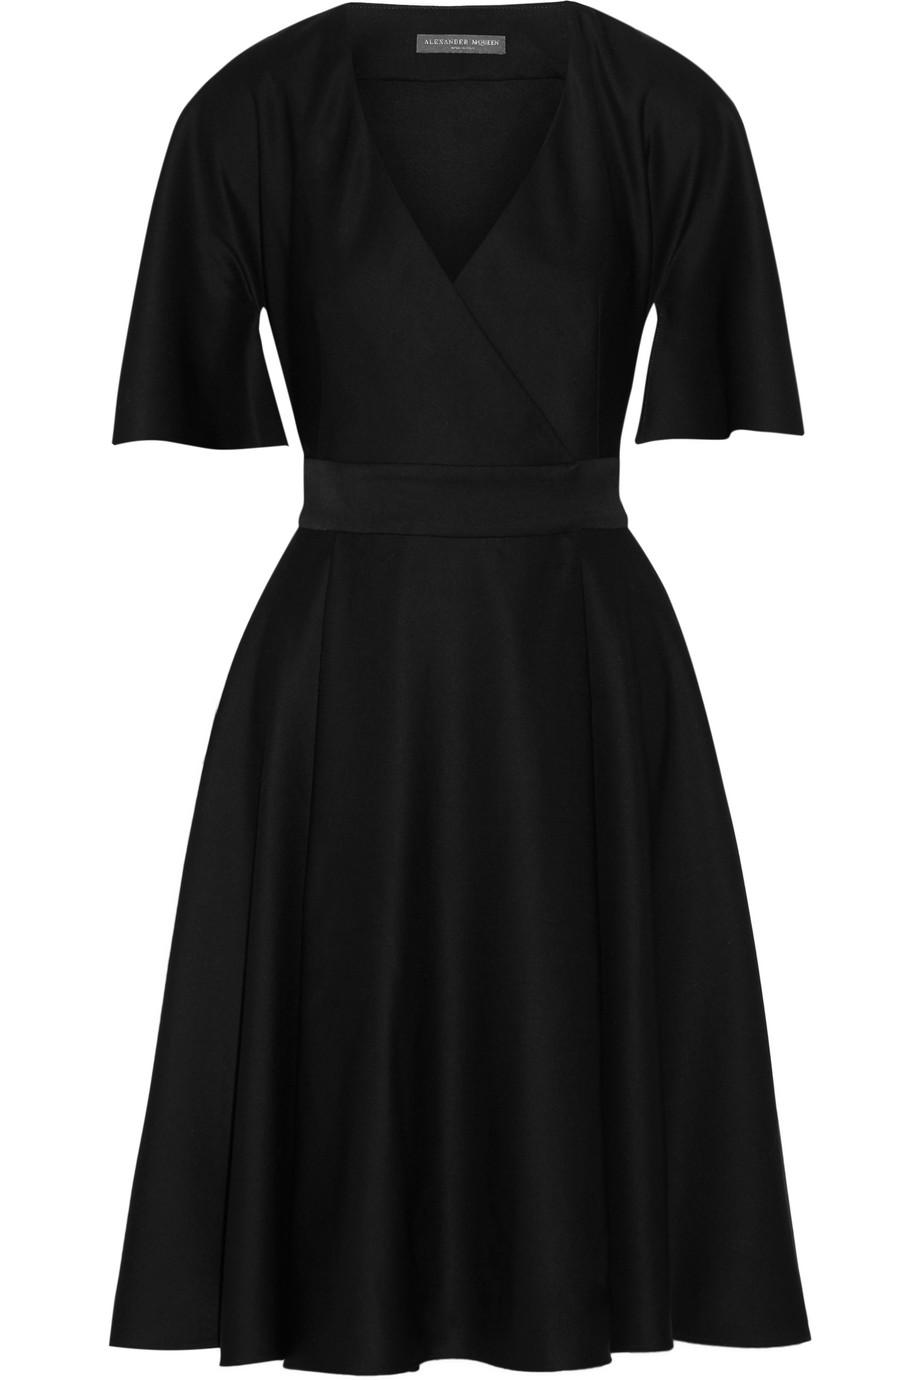 Alexander Mcqueen Cape-Sleeve Grain De Poudre Wool Wrap Dress, Black, Women's, Size: 38